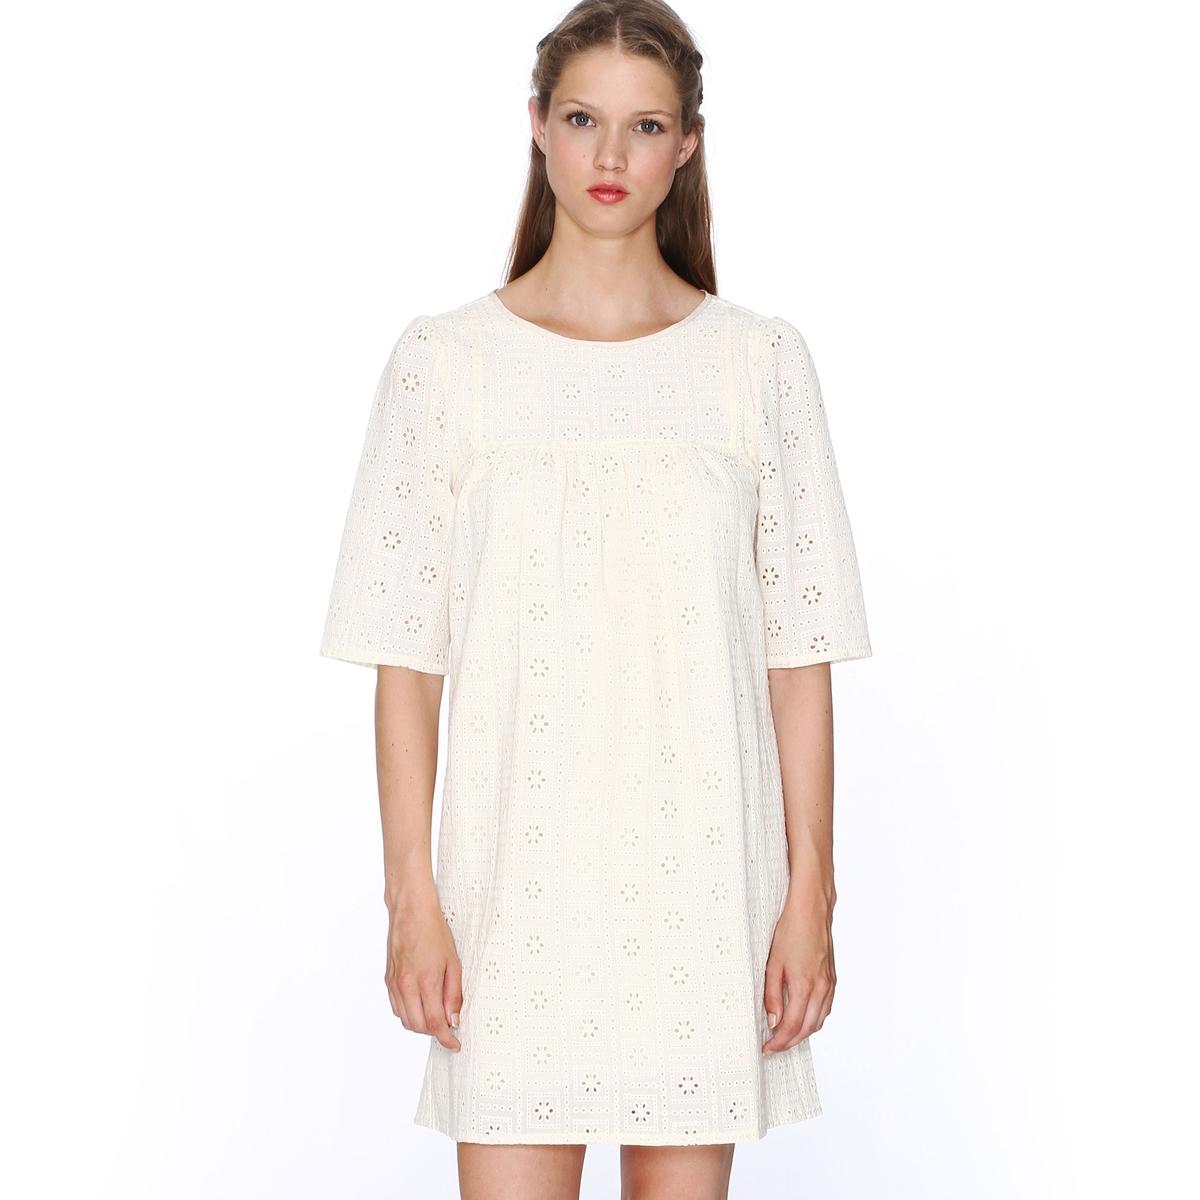 Платье с короткими рукавами из английского кружева PEPALOVES, Dress ClaudiaСостав и описание :Материал : 100% хлопка.Марка : PEPALOVES<br><br>Цвет: кремовый<br>Размер: M